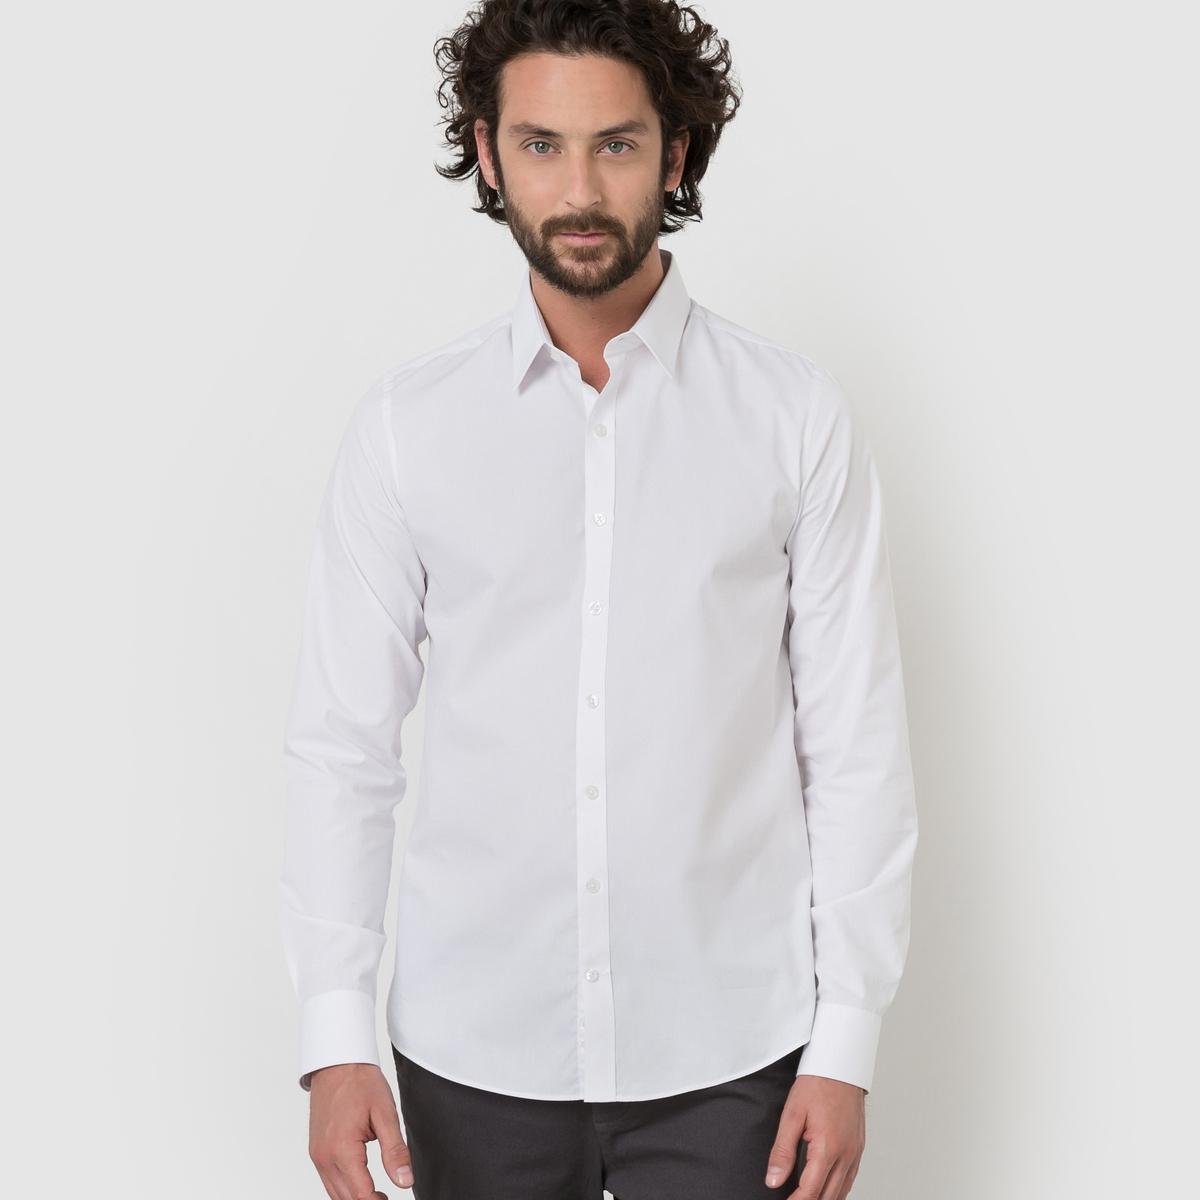 Рубашка однотонная узкого покроя от La Redoute